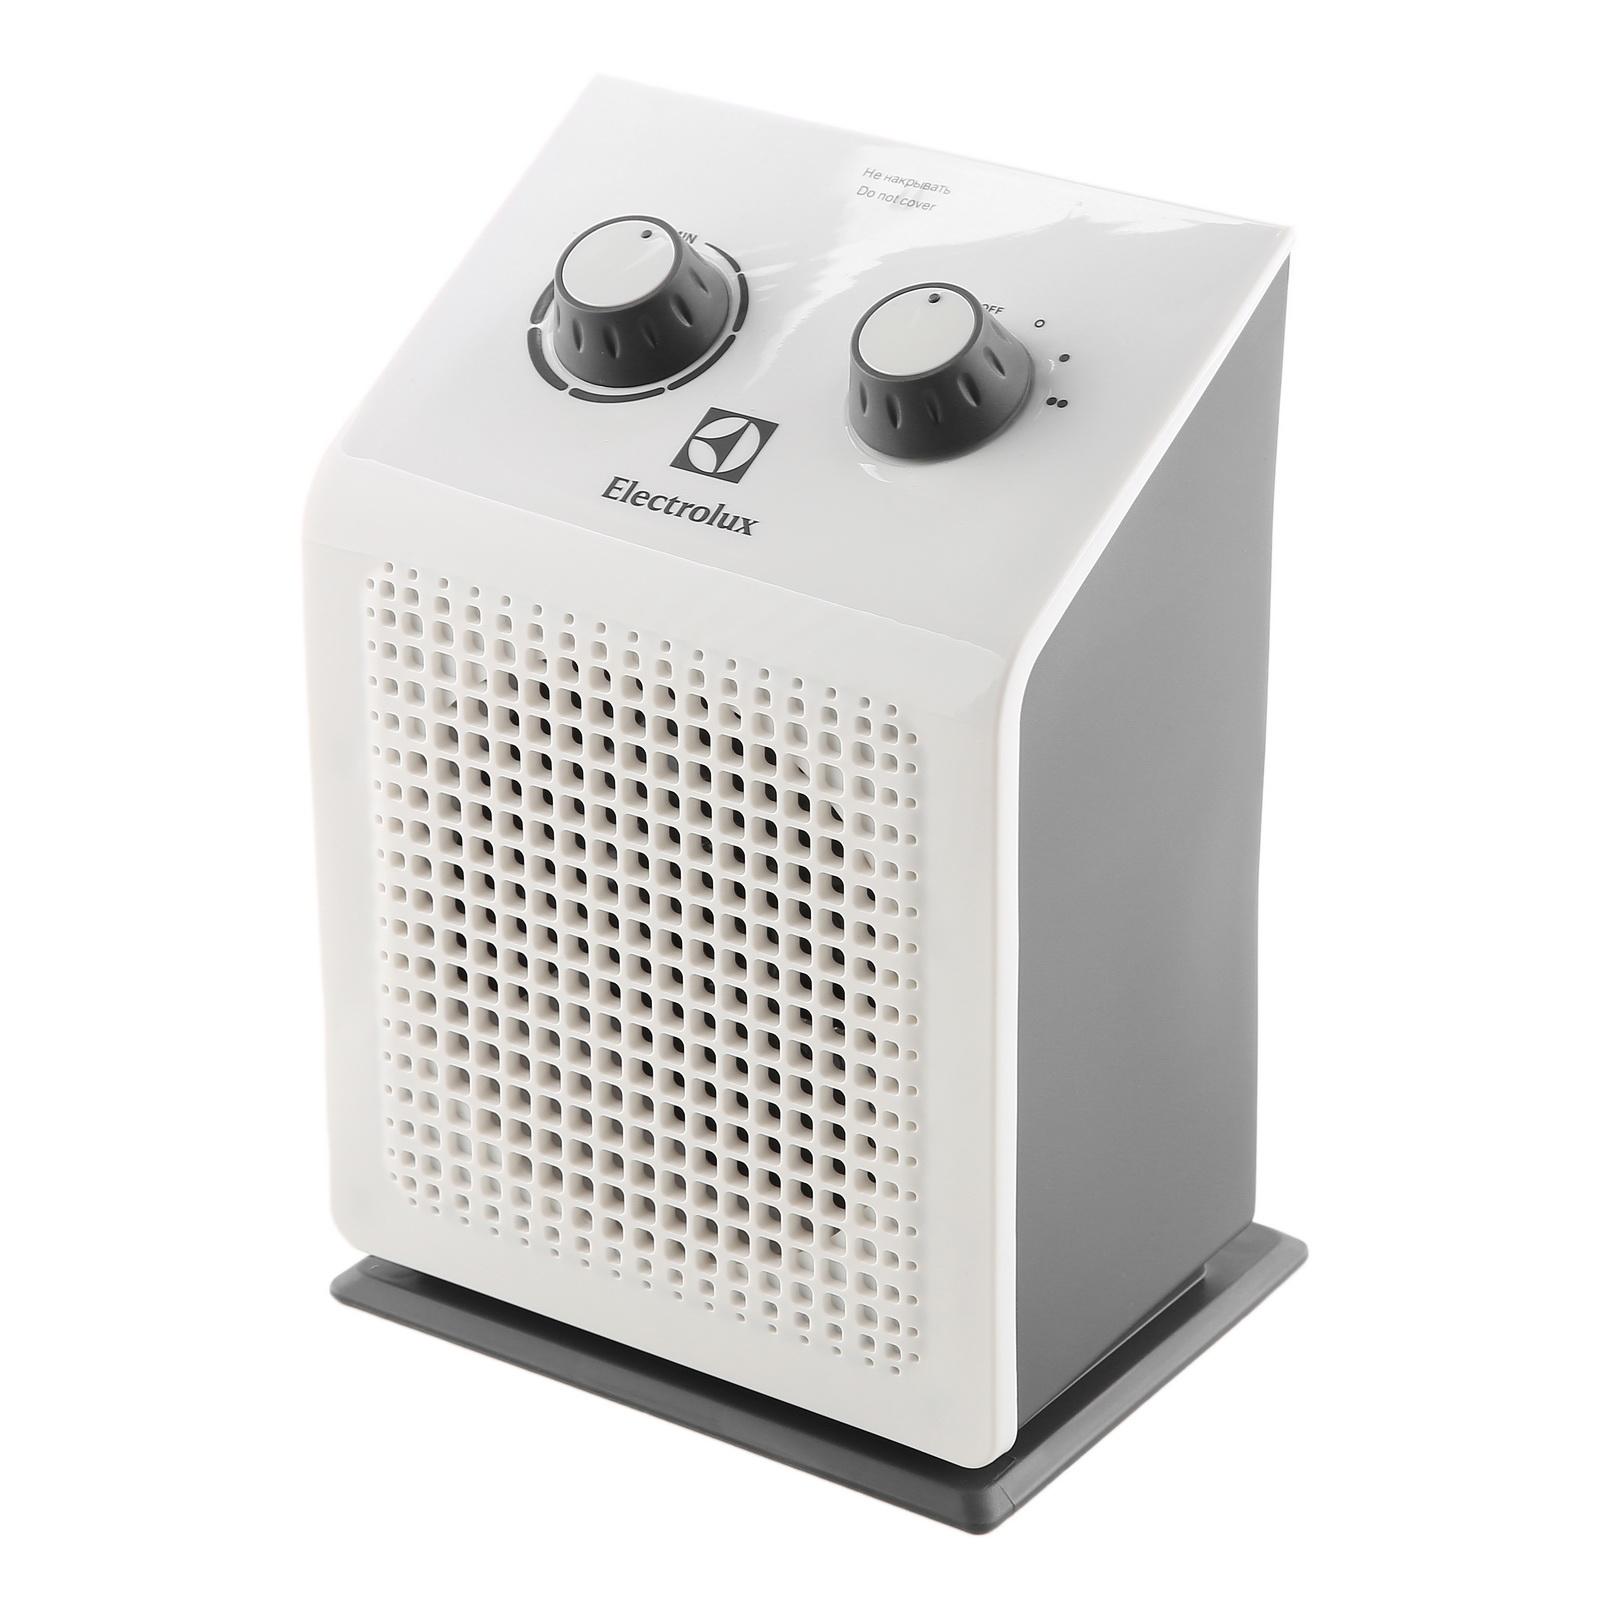 Тепловентилятор напольный электрический Electrolux Efh/s-1115 напольный котел electrolux fsb 35 mi